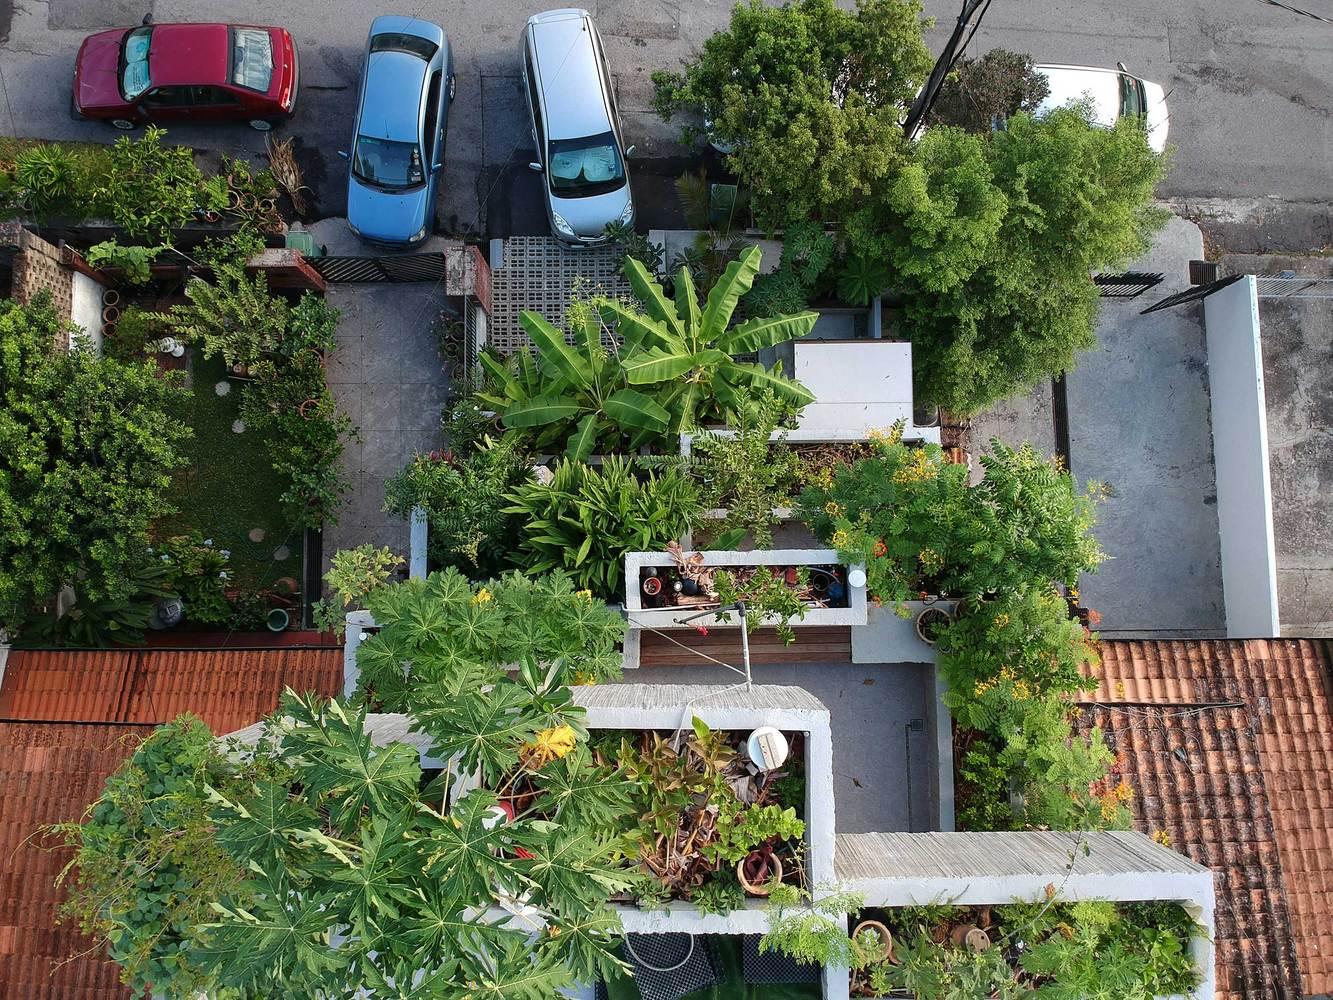 Ngôi nhà phủ cây xanh mướt độc đáo ở Malaysia